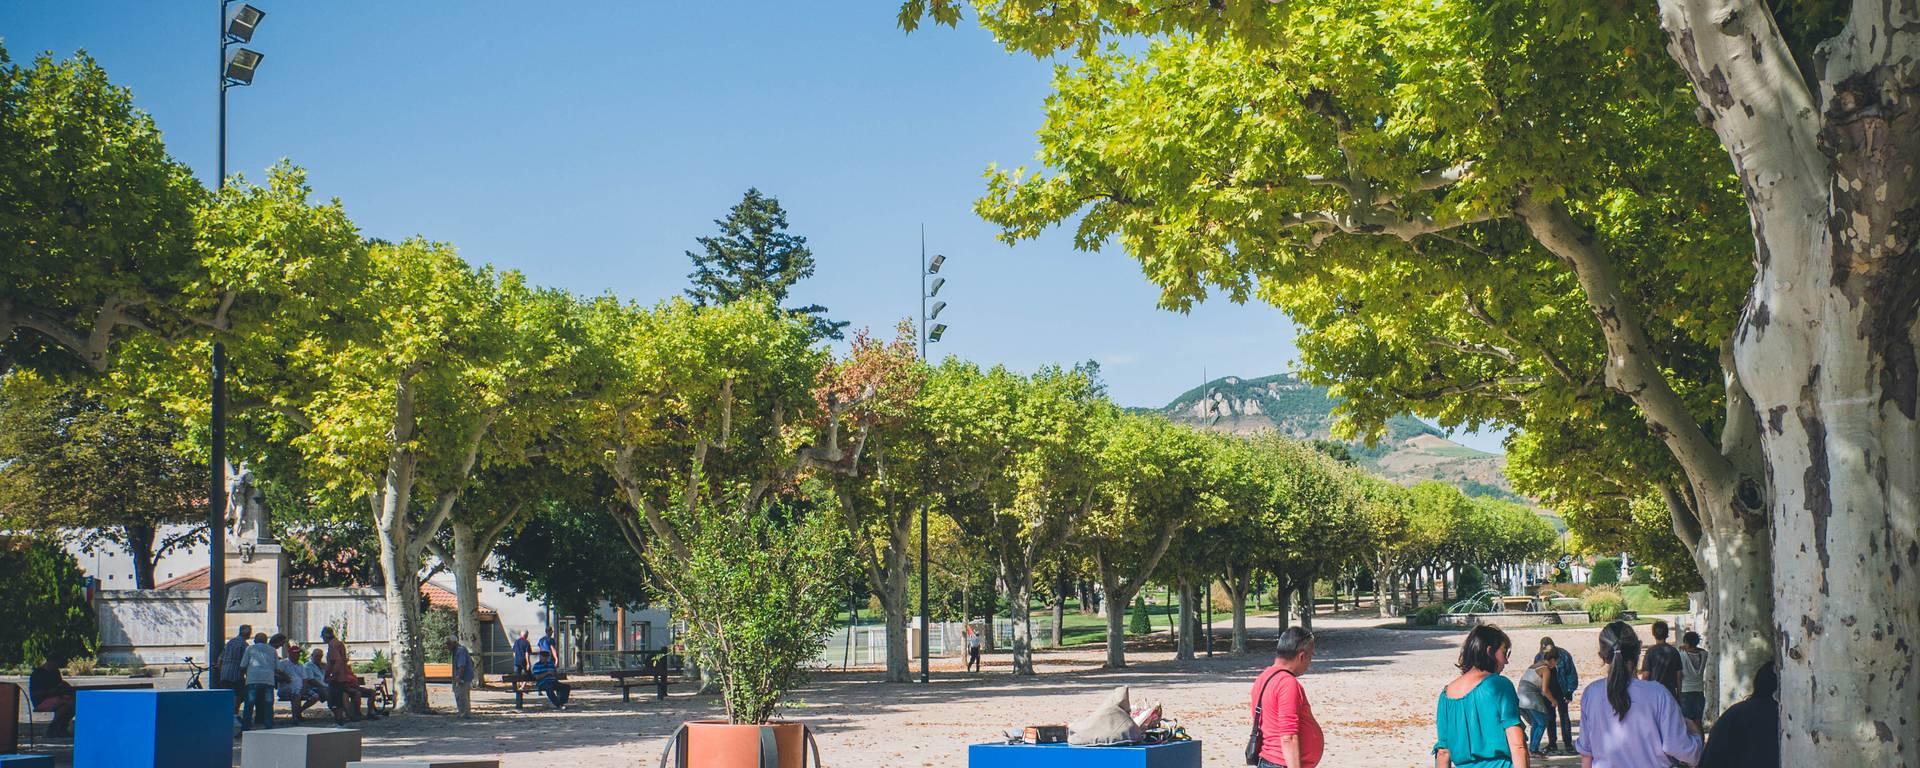 Parc de la Victoire